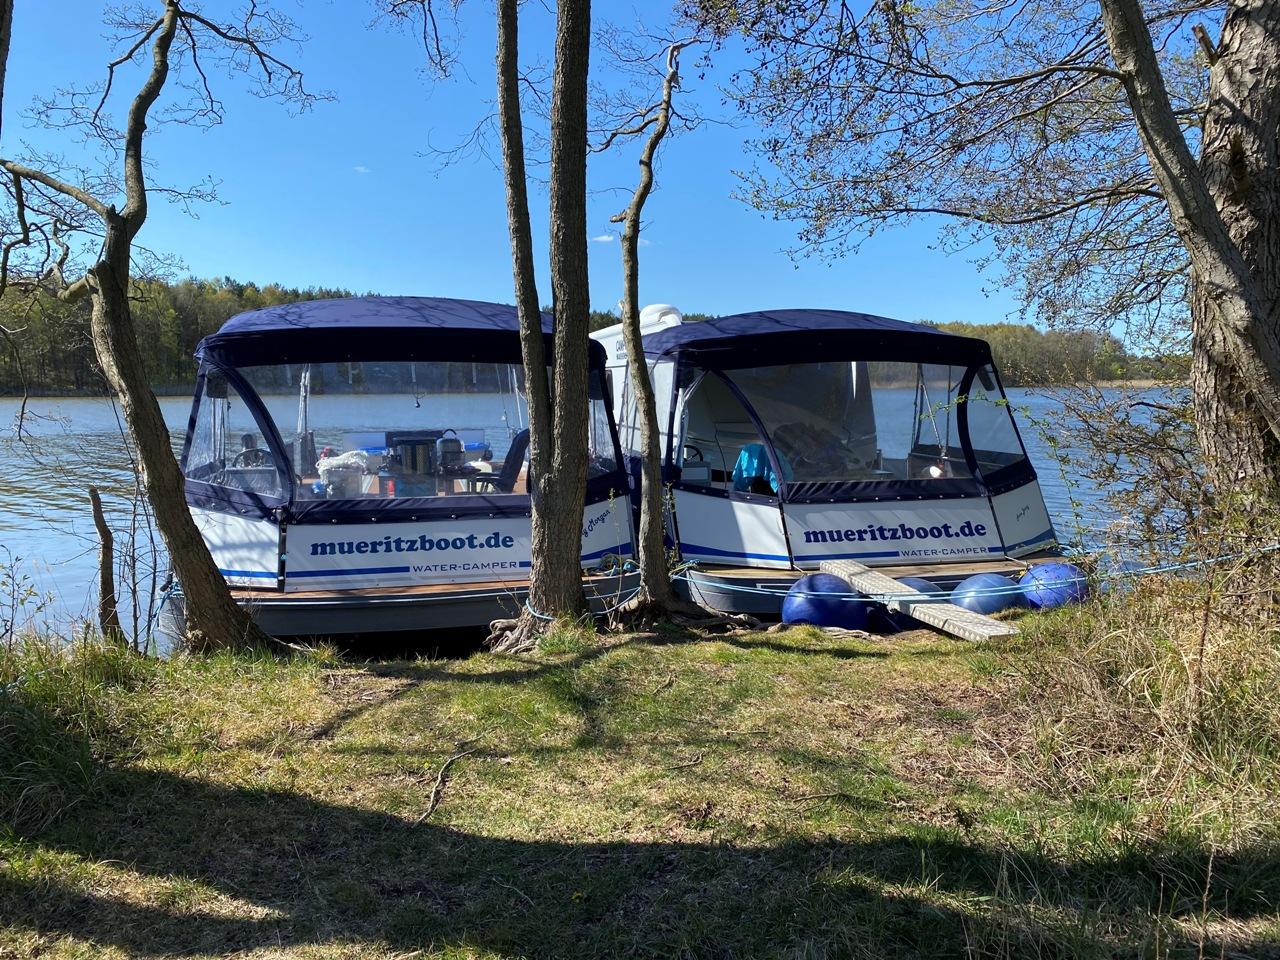 Der WasserCamper für kundeneigene Fahrzeuge mit separater Sonnenterrasse auf der Müritz